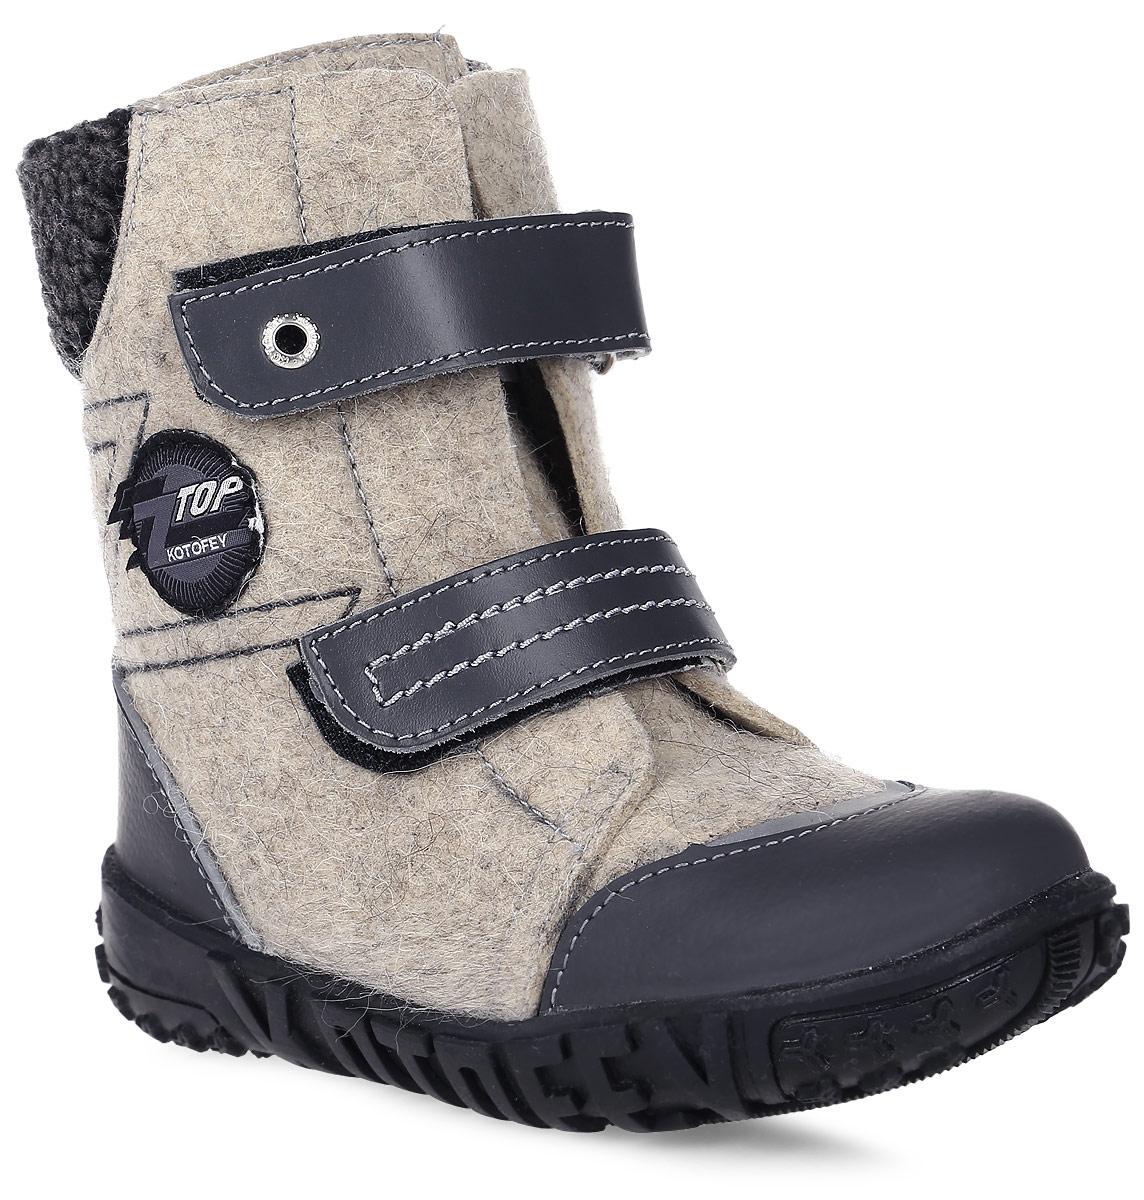 Валенки457001-41Валенки для мальчика от Котофей выполнены из натурального войлока. Подкладка и стелька из шерстяного меха не дадут ногам замерзнуть. Мысок и задник защищены вставками из натуральной кожи с полиуретановым покрытием. Ремешки с застежками-липучками надежно зафиксируют модель на ноге. Подошва дополнена рифлением.